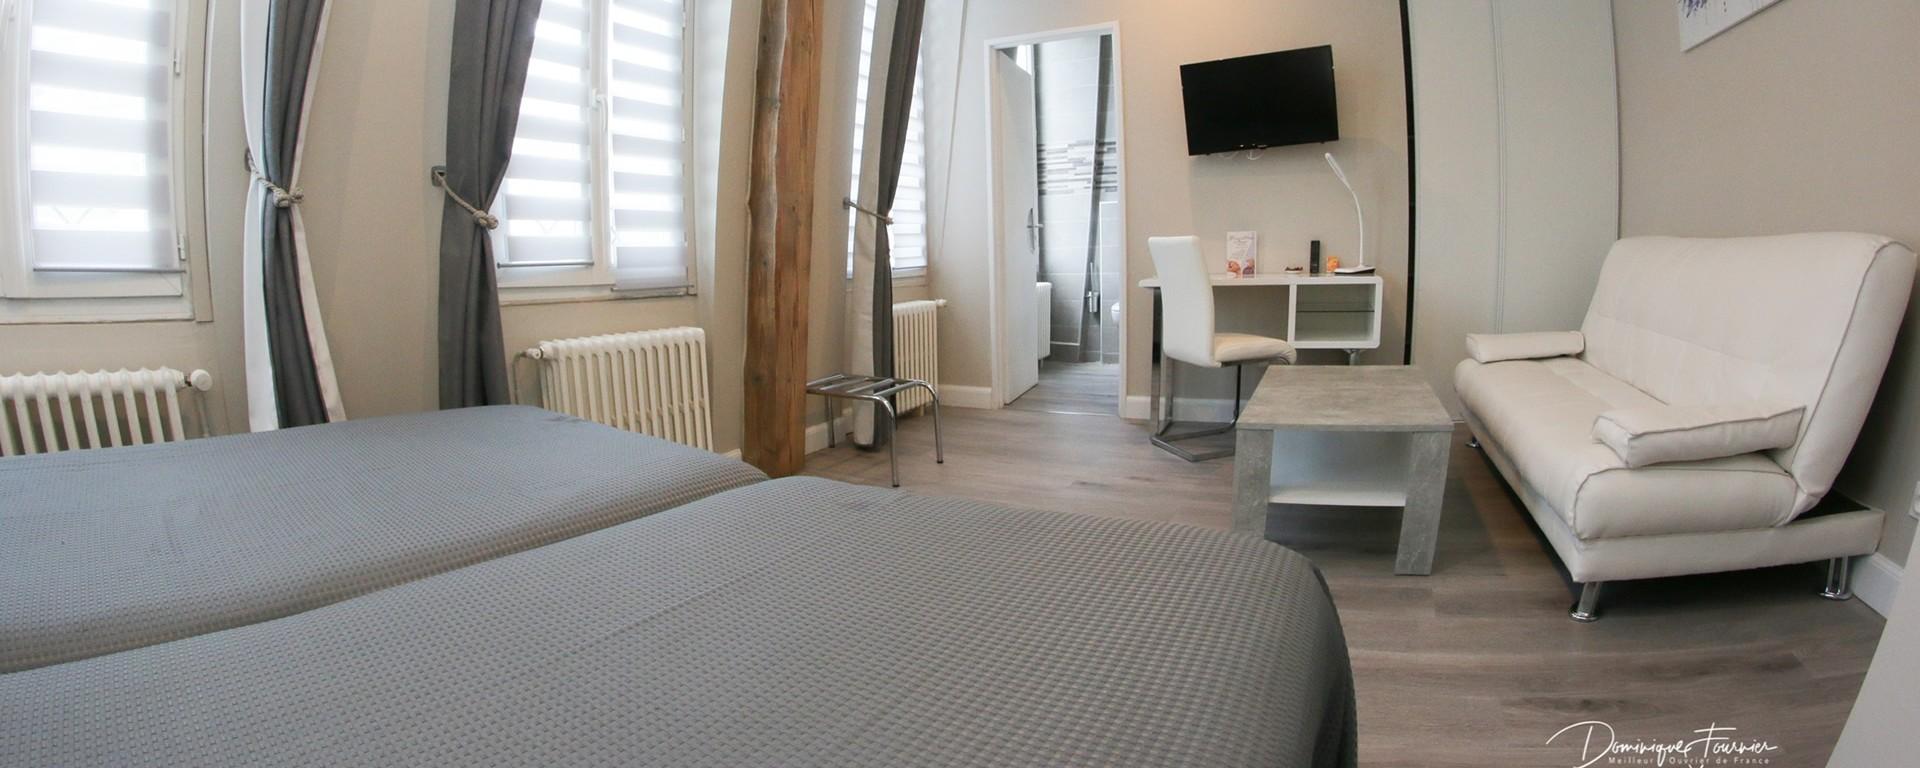 Chambre d'hôtel avec lits jumeaux